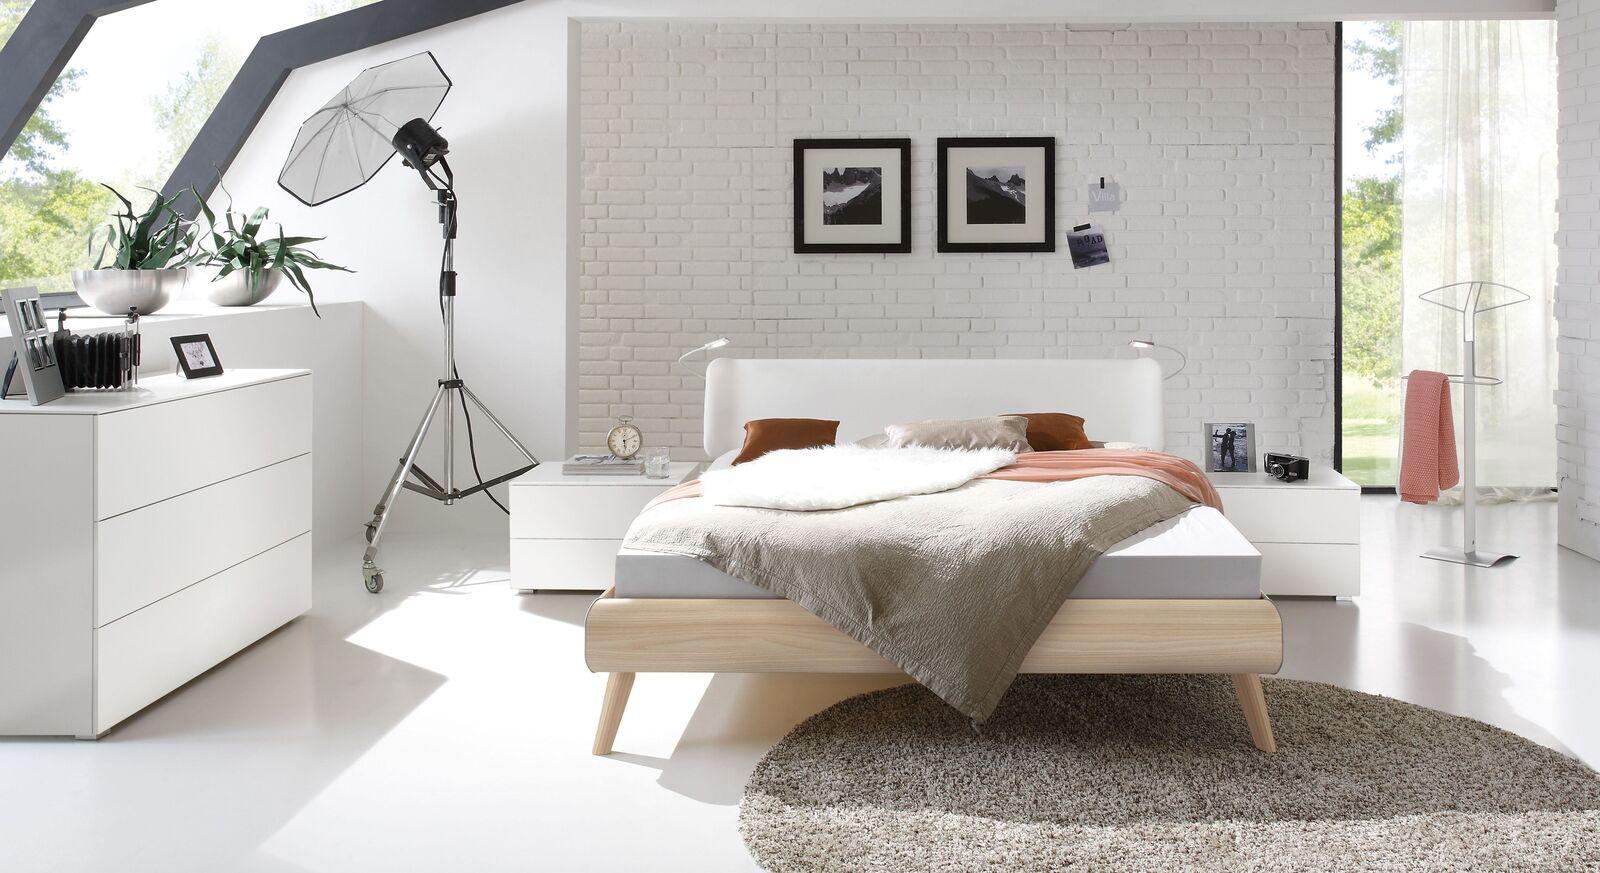 Bett Labrea mit passenden Schlafzimmermöbeln